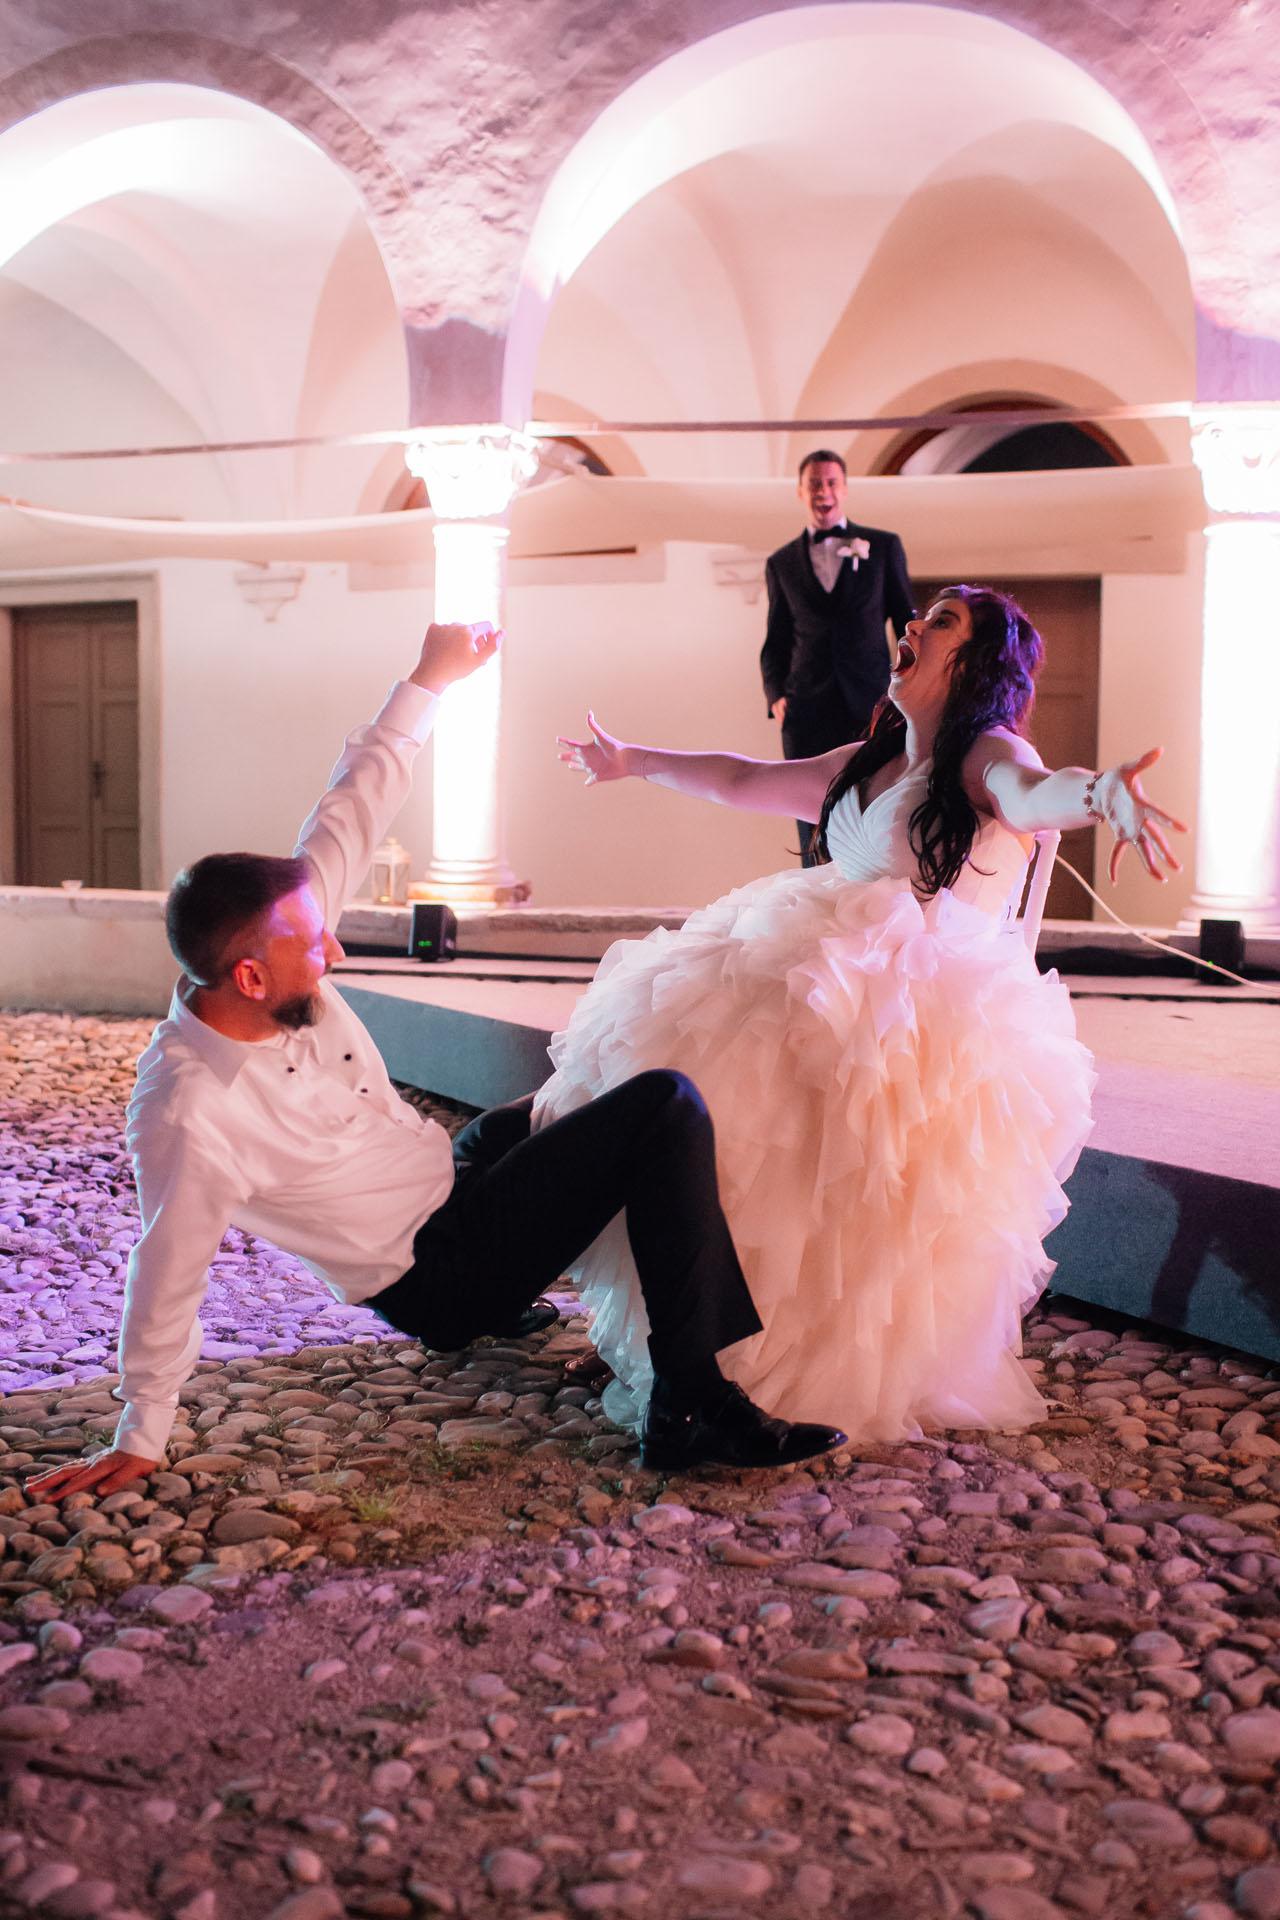 Jessica-Jason-Gioia-Weddingdestination-Storytelling-Renato-Zanette-Fotografo-Convento-San-Francesco-Conegliano-Treviso-Veneto